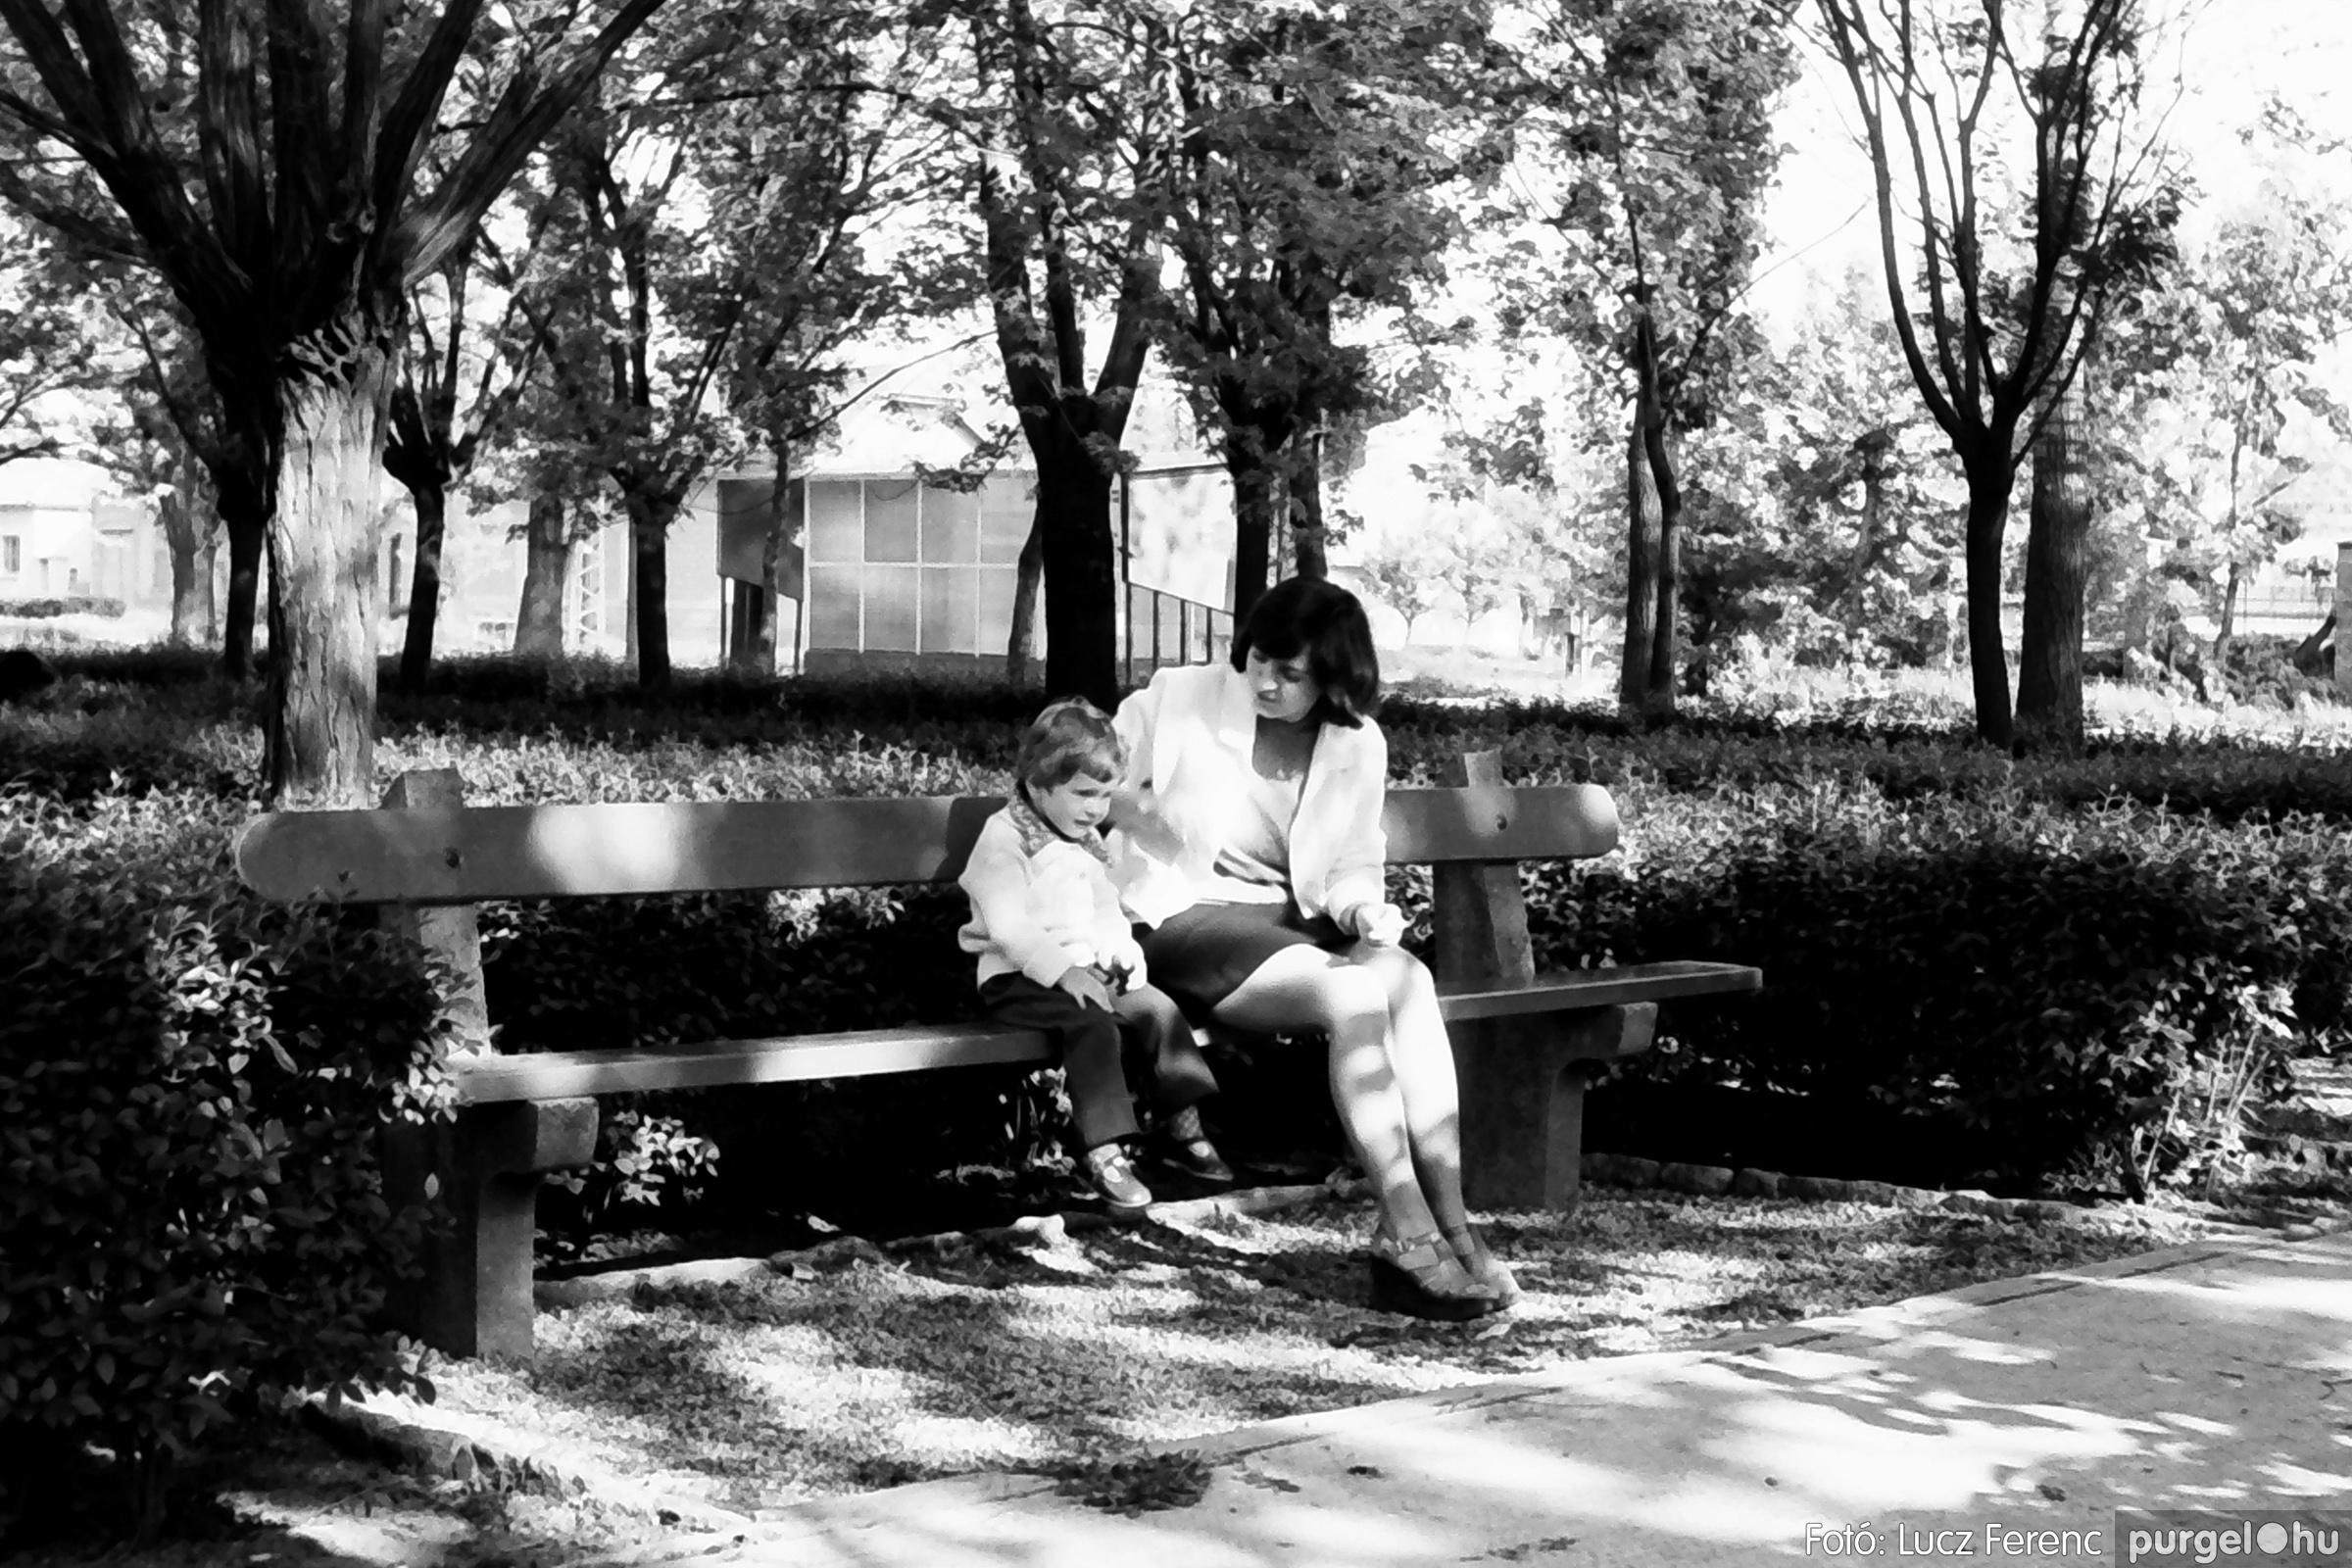 048, 051. 1976. Társadalmi munka 014. - Fotó: Lucz Ferenc.jpg